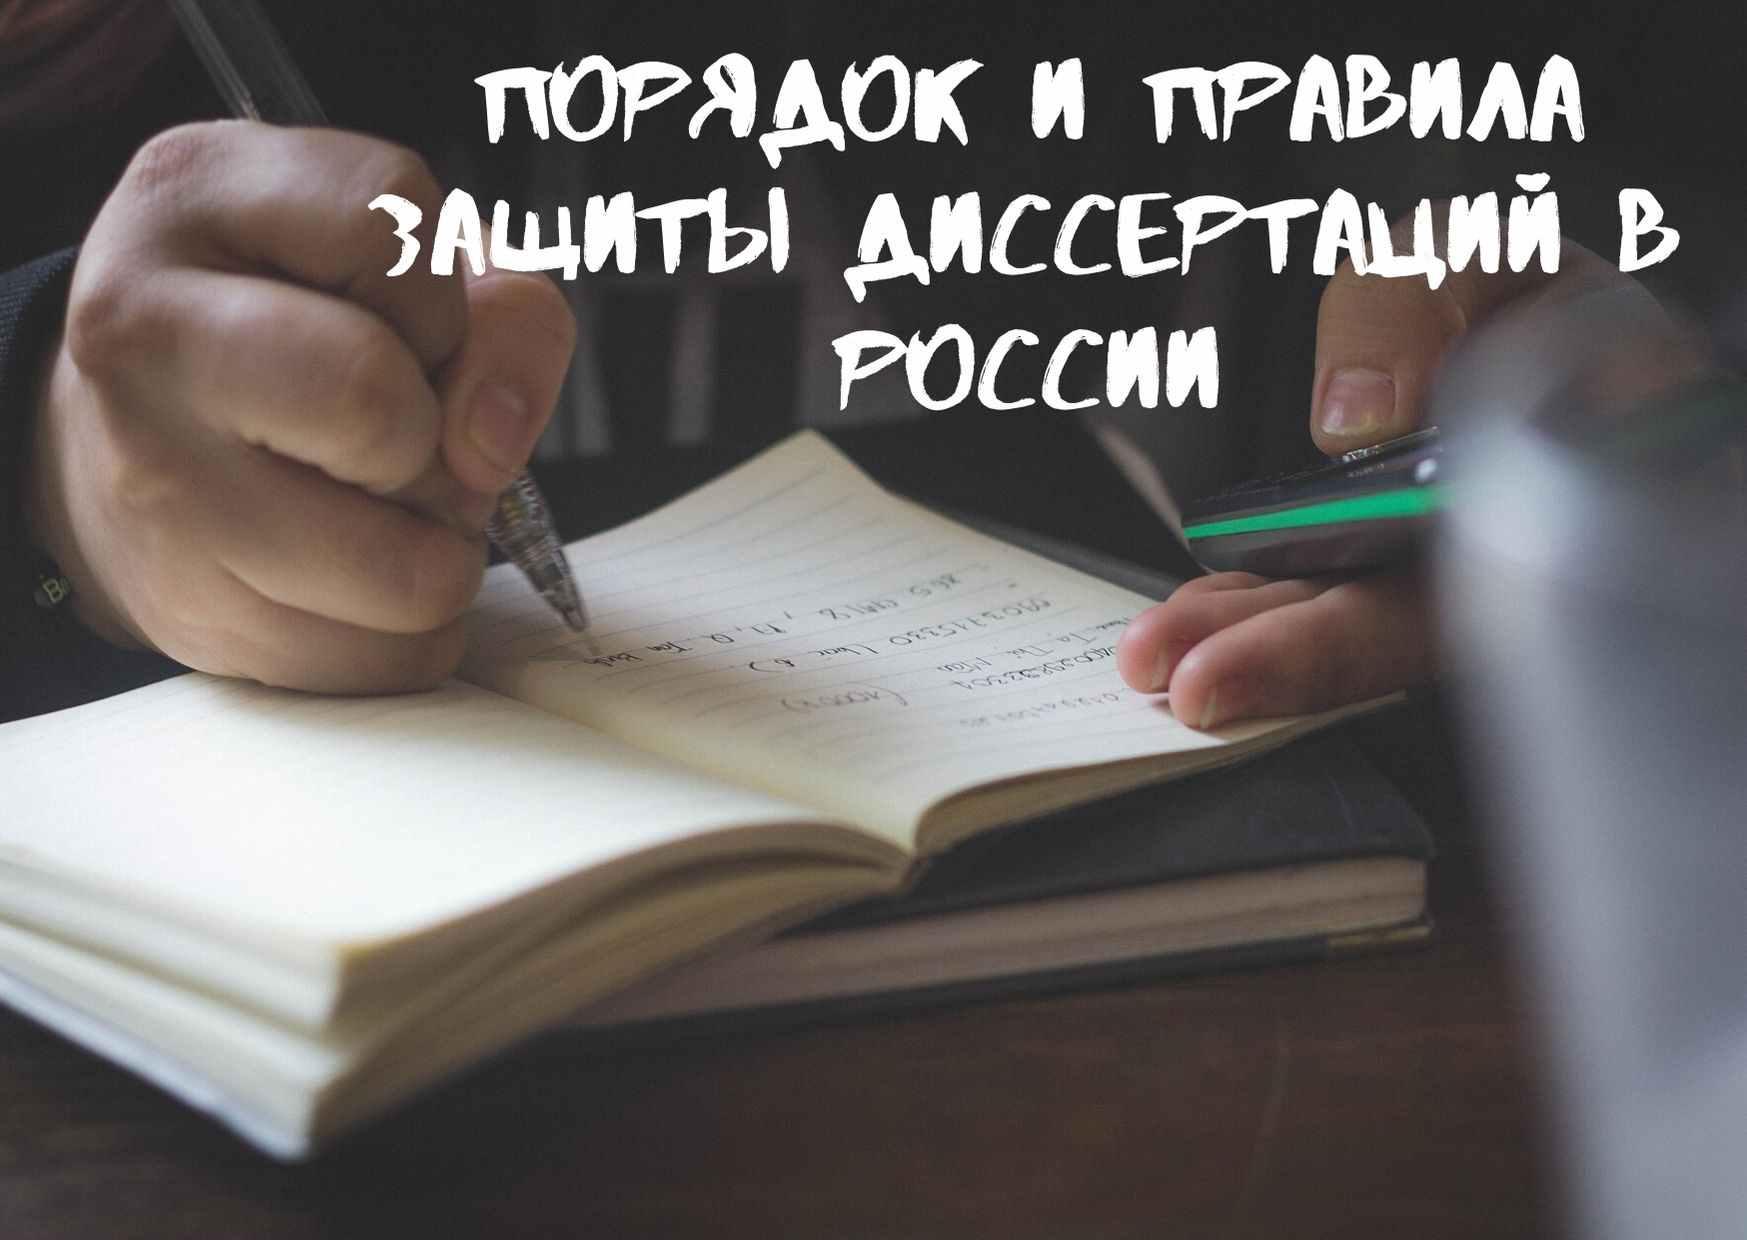 Порядок и правила защиты диссертаций в России